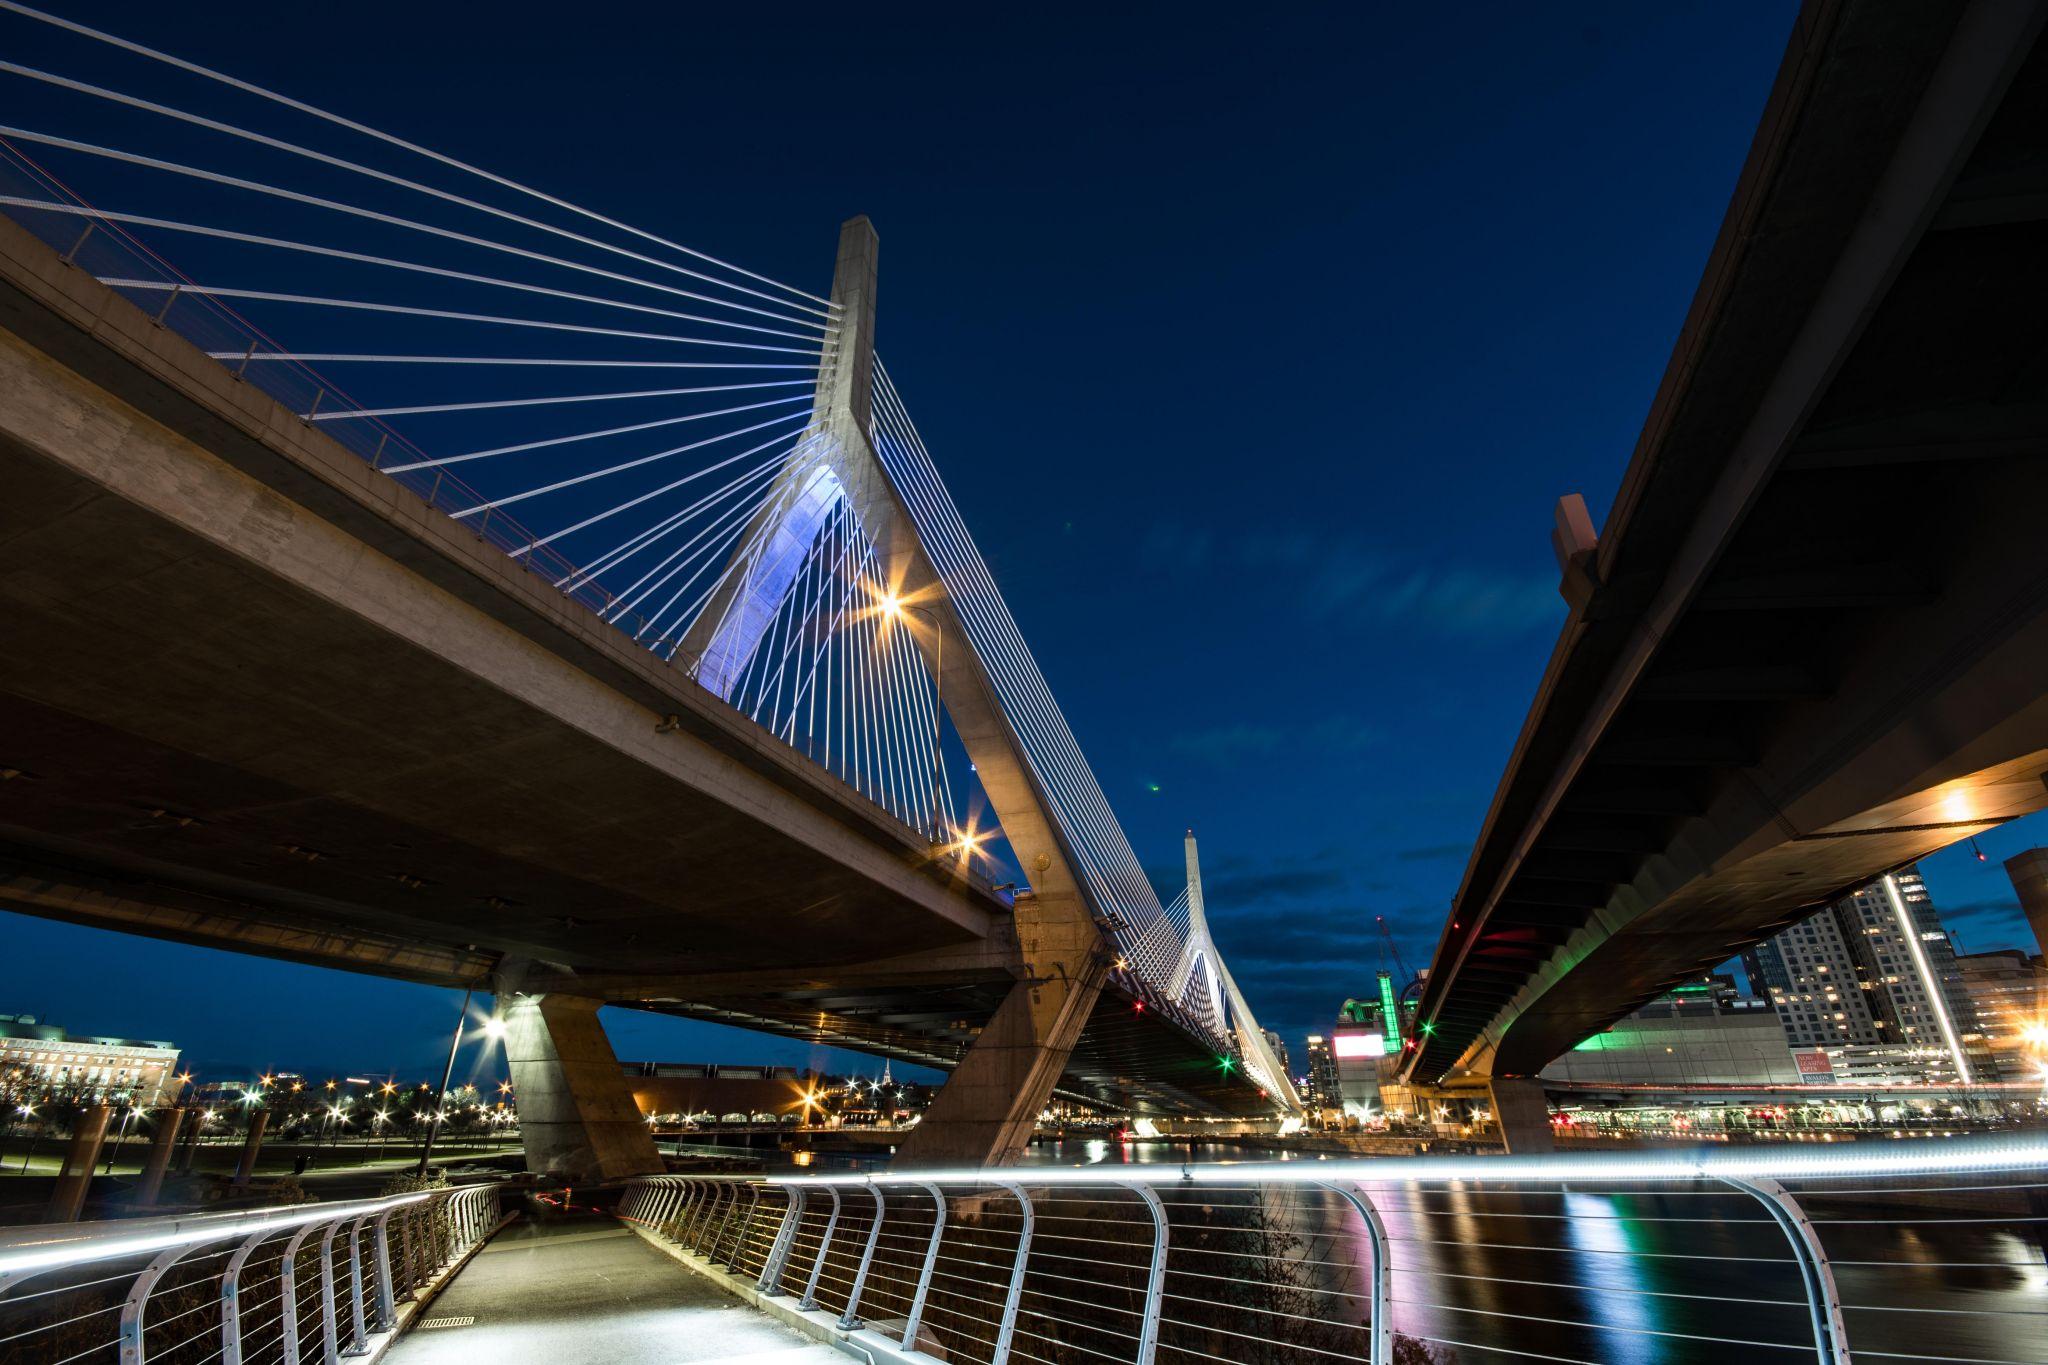 Zakim bridge, USA